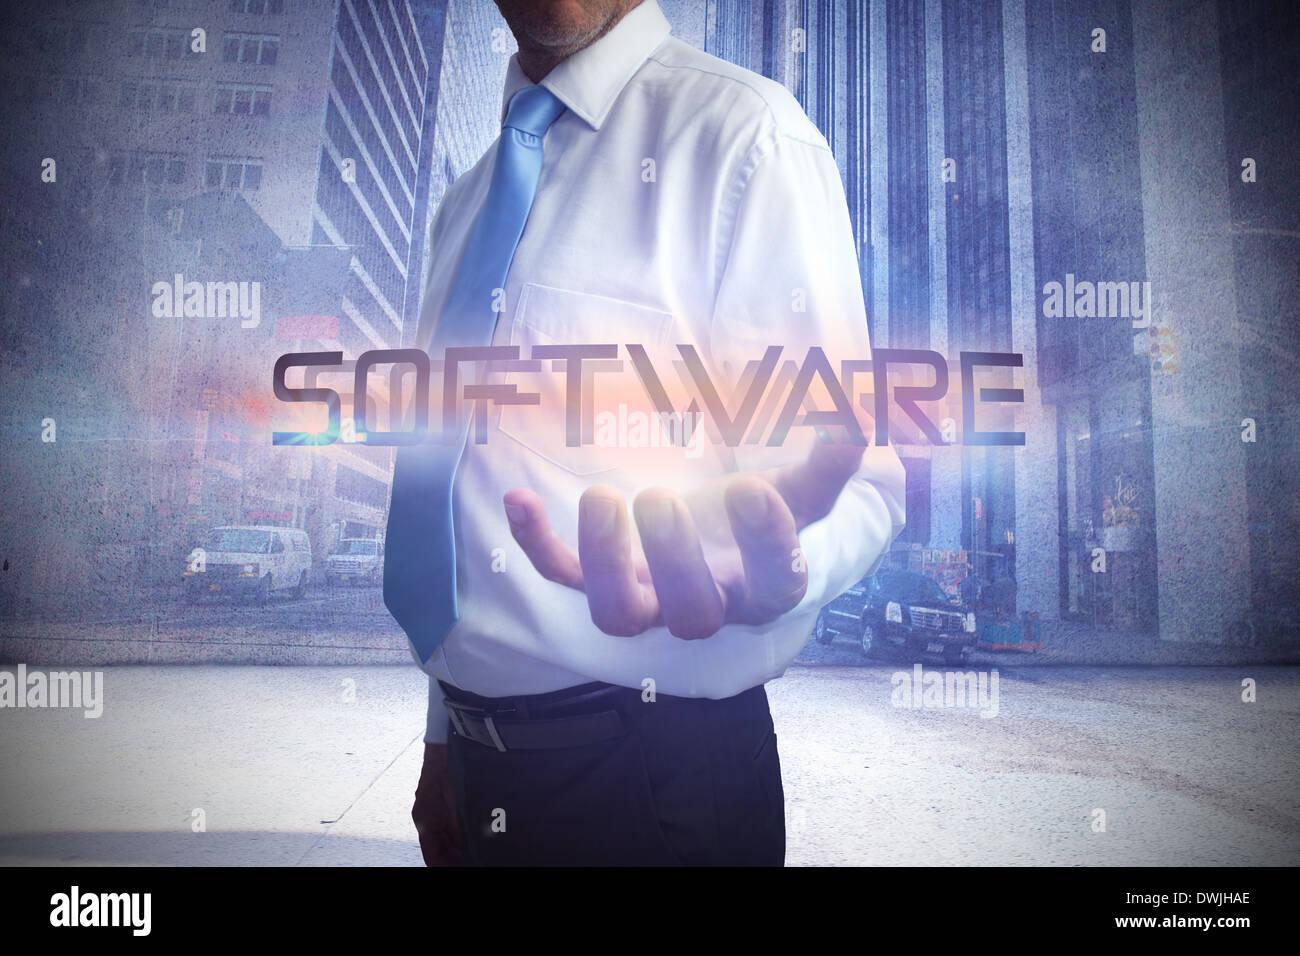 Empresario presentando el software word Imagen De Stock